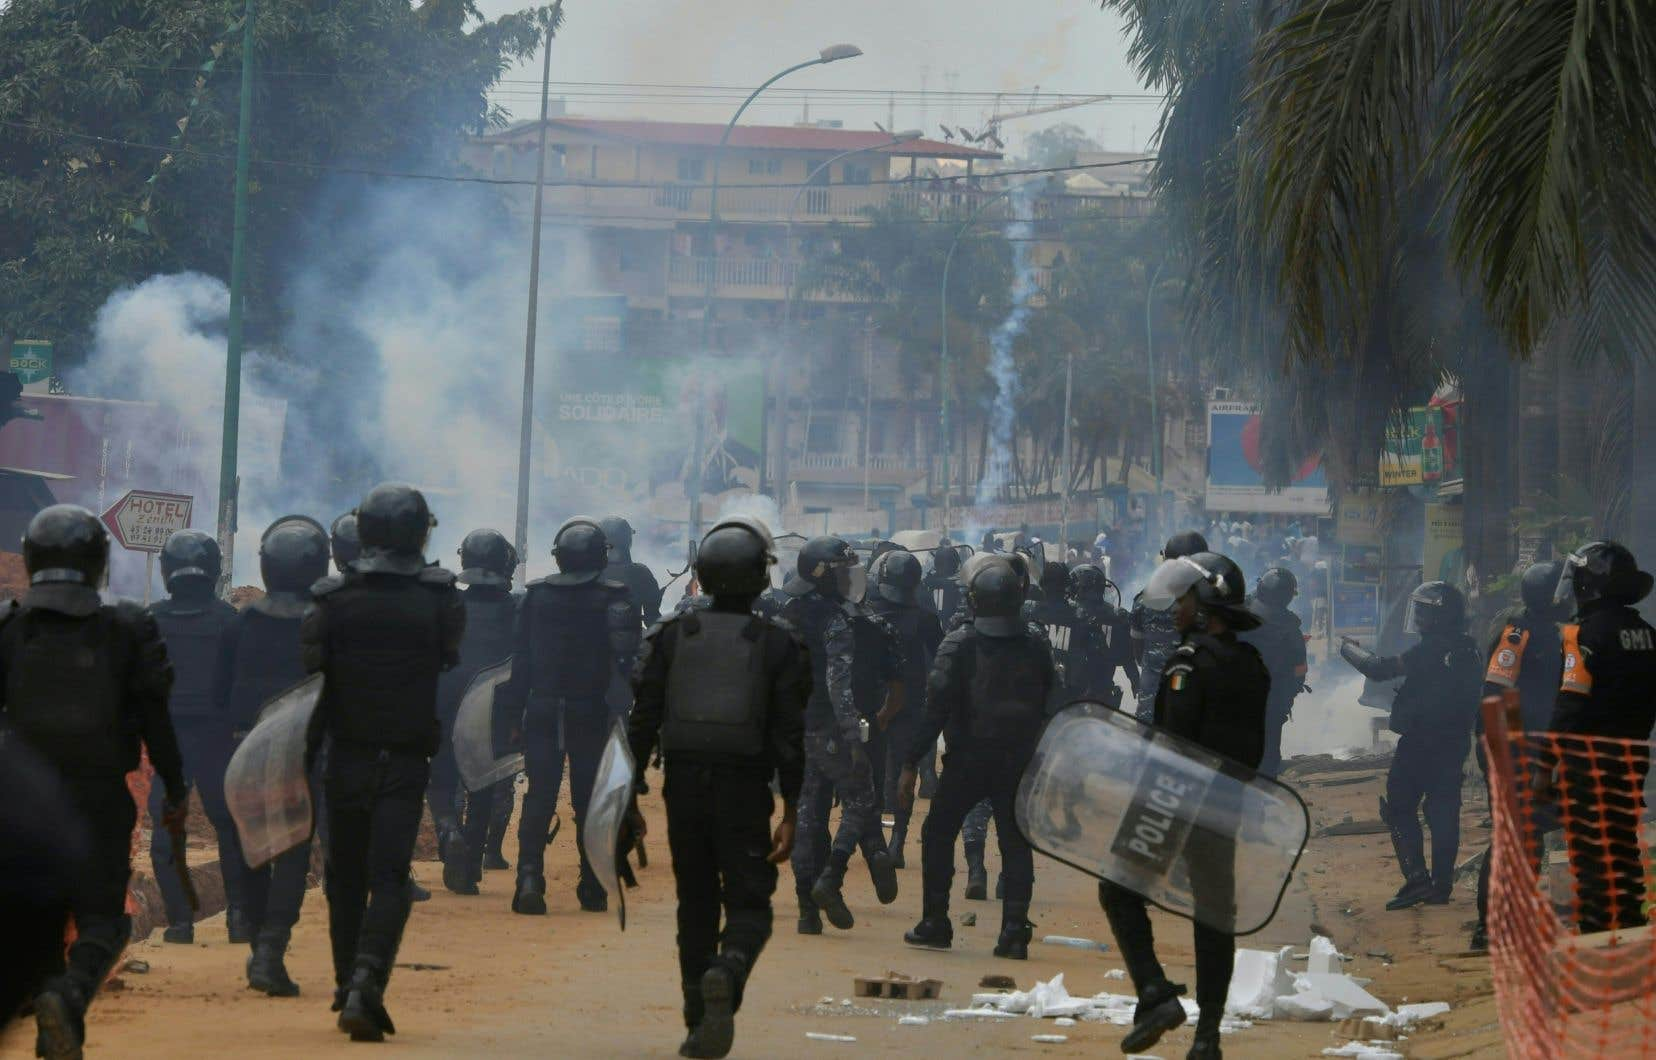 Dans le quartier de Blockhauss, à Abidjan, vers midi, plusieurs centaines de jeunes, qui ont empêché l'ouverture de bureaux de vote, ont affronté des policiers qui faisaient usage de gaz lacrymogène.